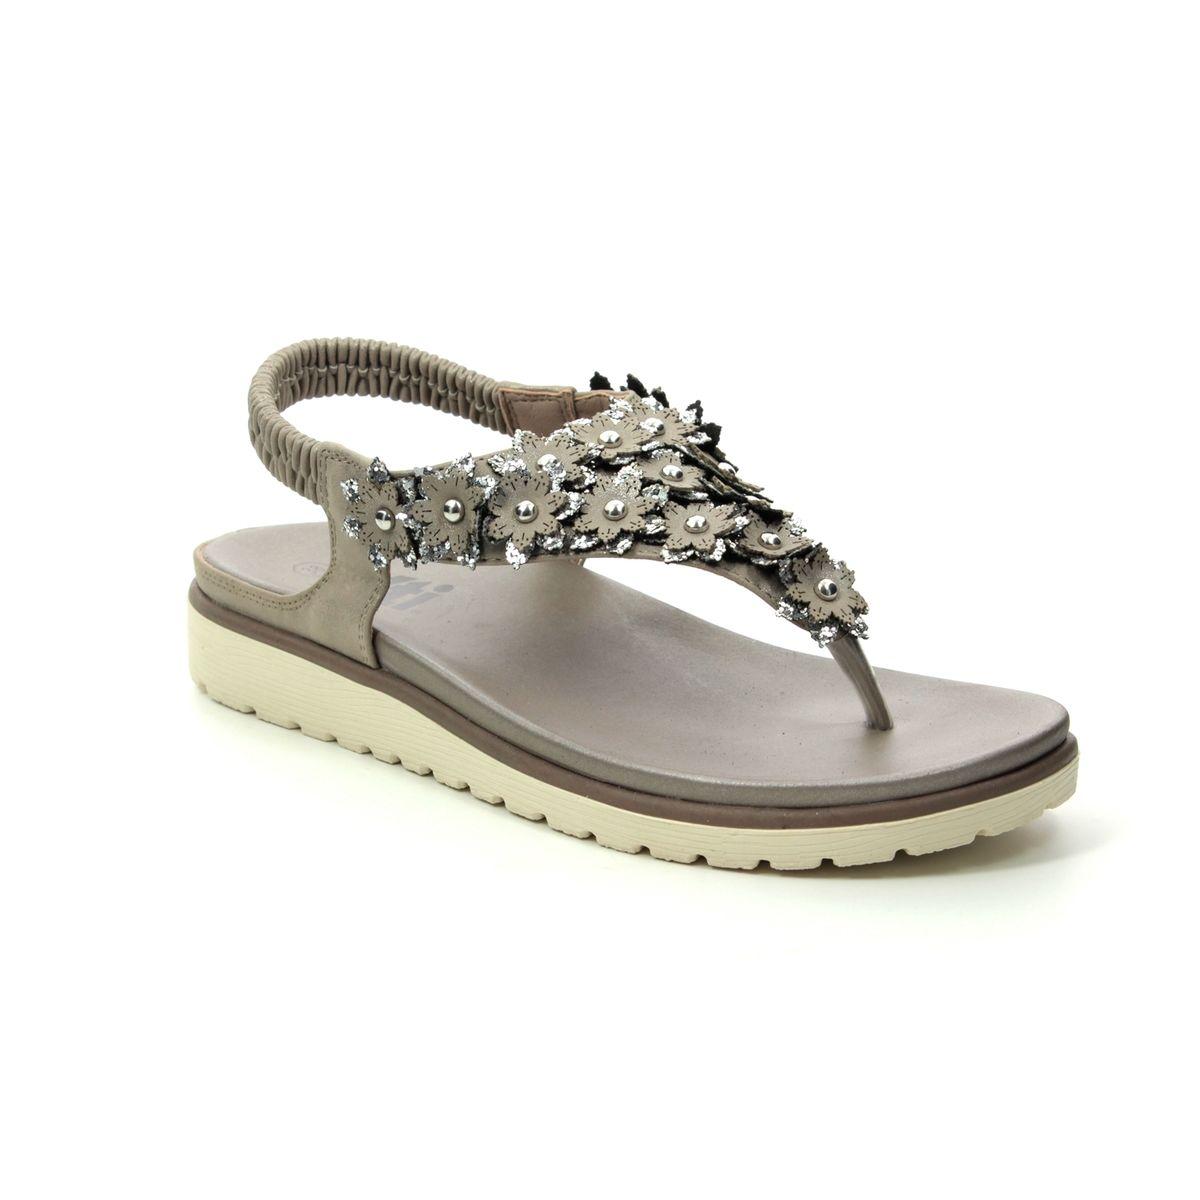 ba028bdd XTI Flat Sandals - Metallic - 04887604 DELIATI